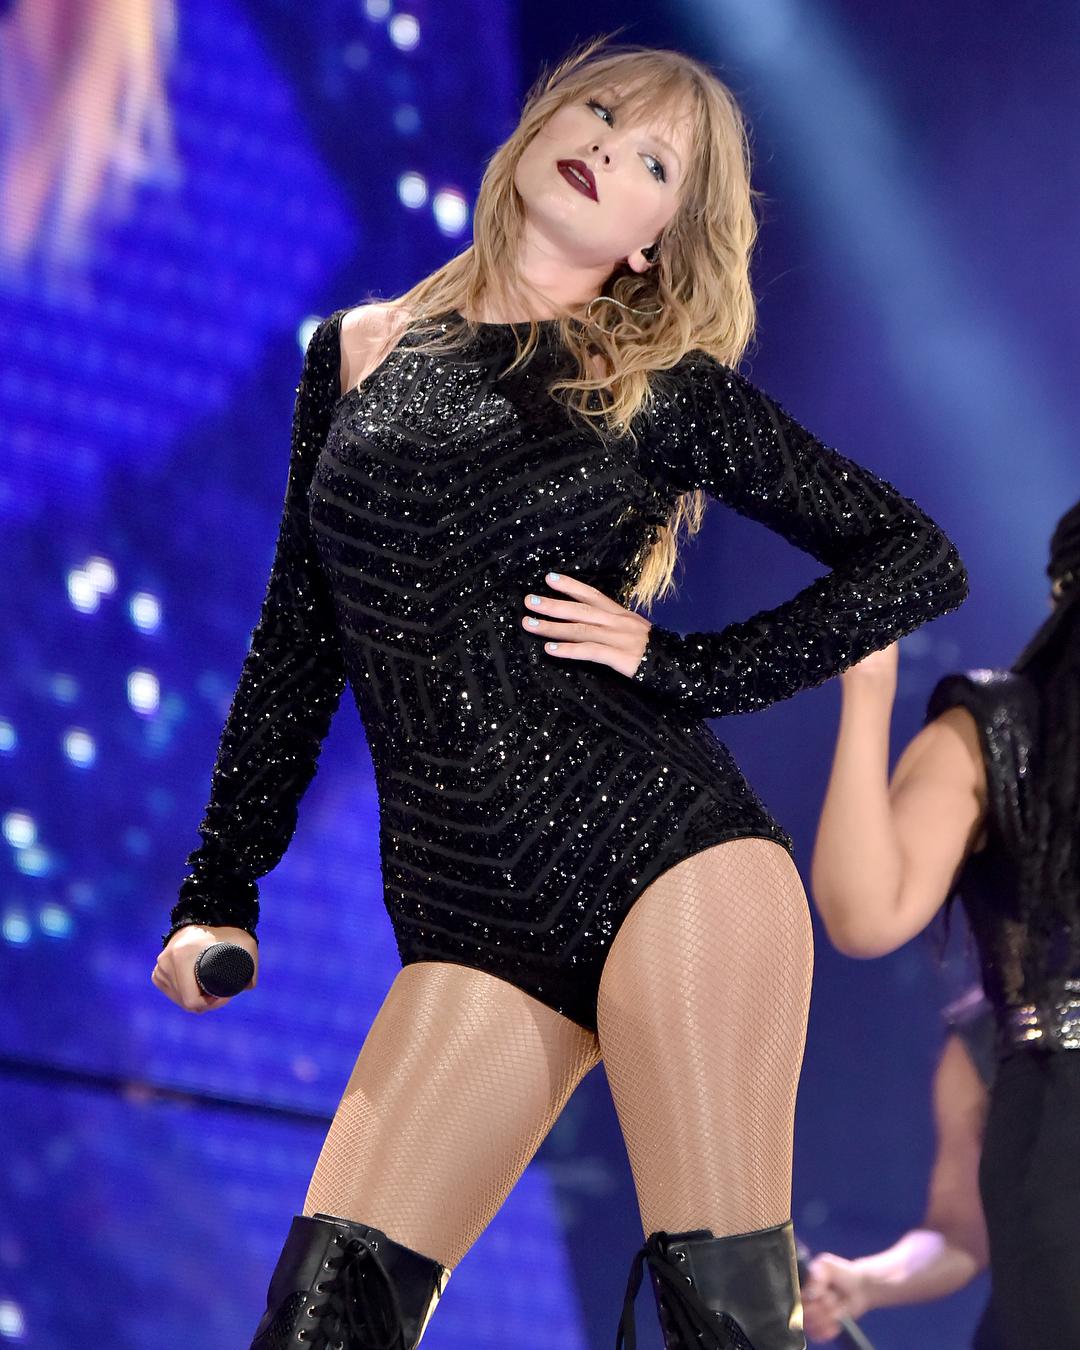 Güzel şarkıcı Taylor Swift konserinde giydiği sexy siyah kostümü ile çok cesur pozlar verdi. En seksi yabancı ünlü kadınların hd resimleri bu sitede tıklayın.